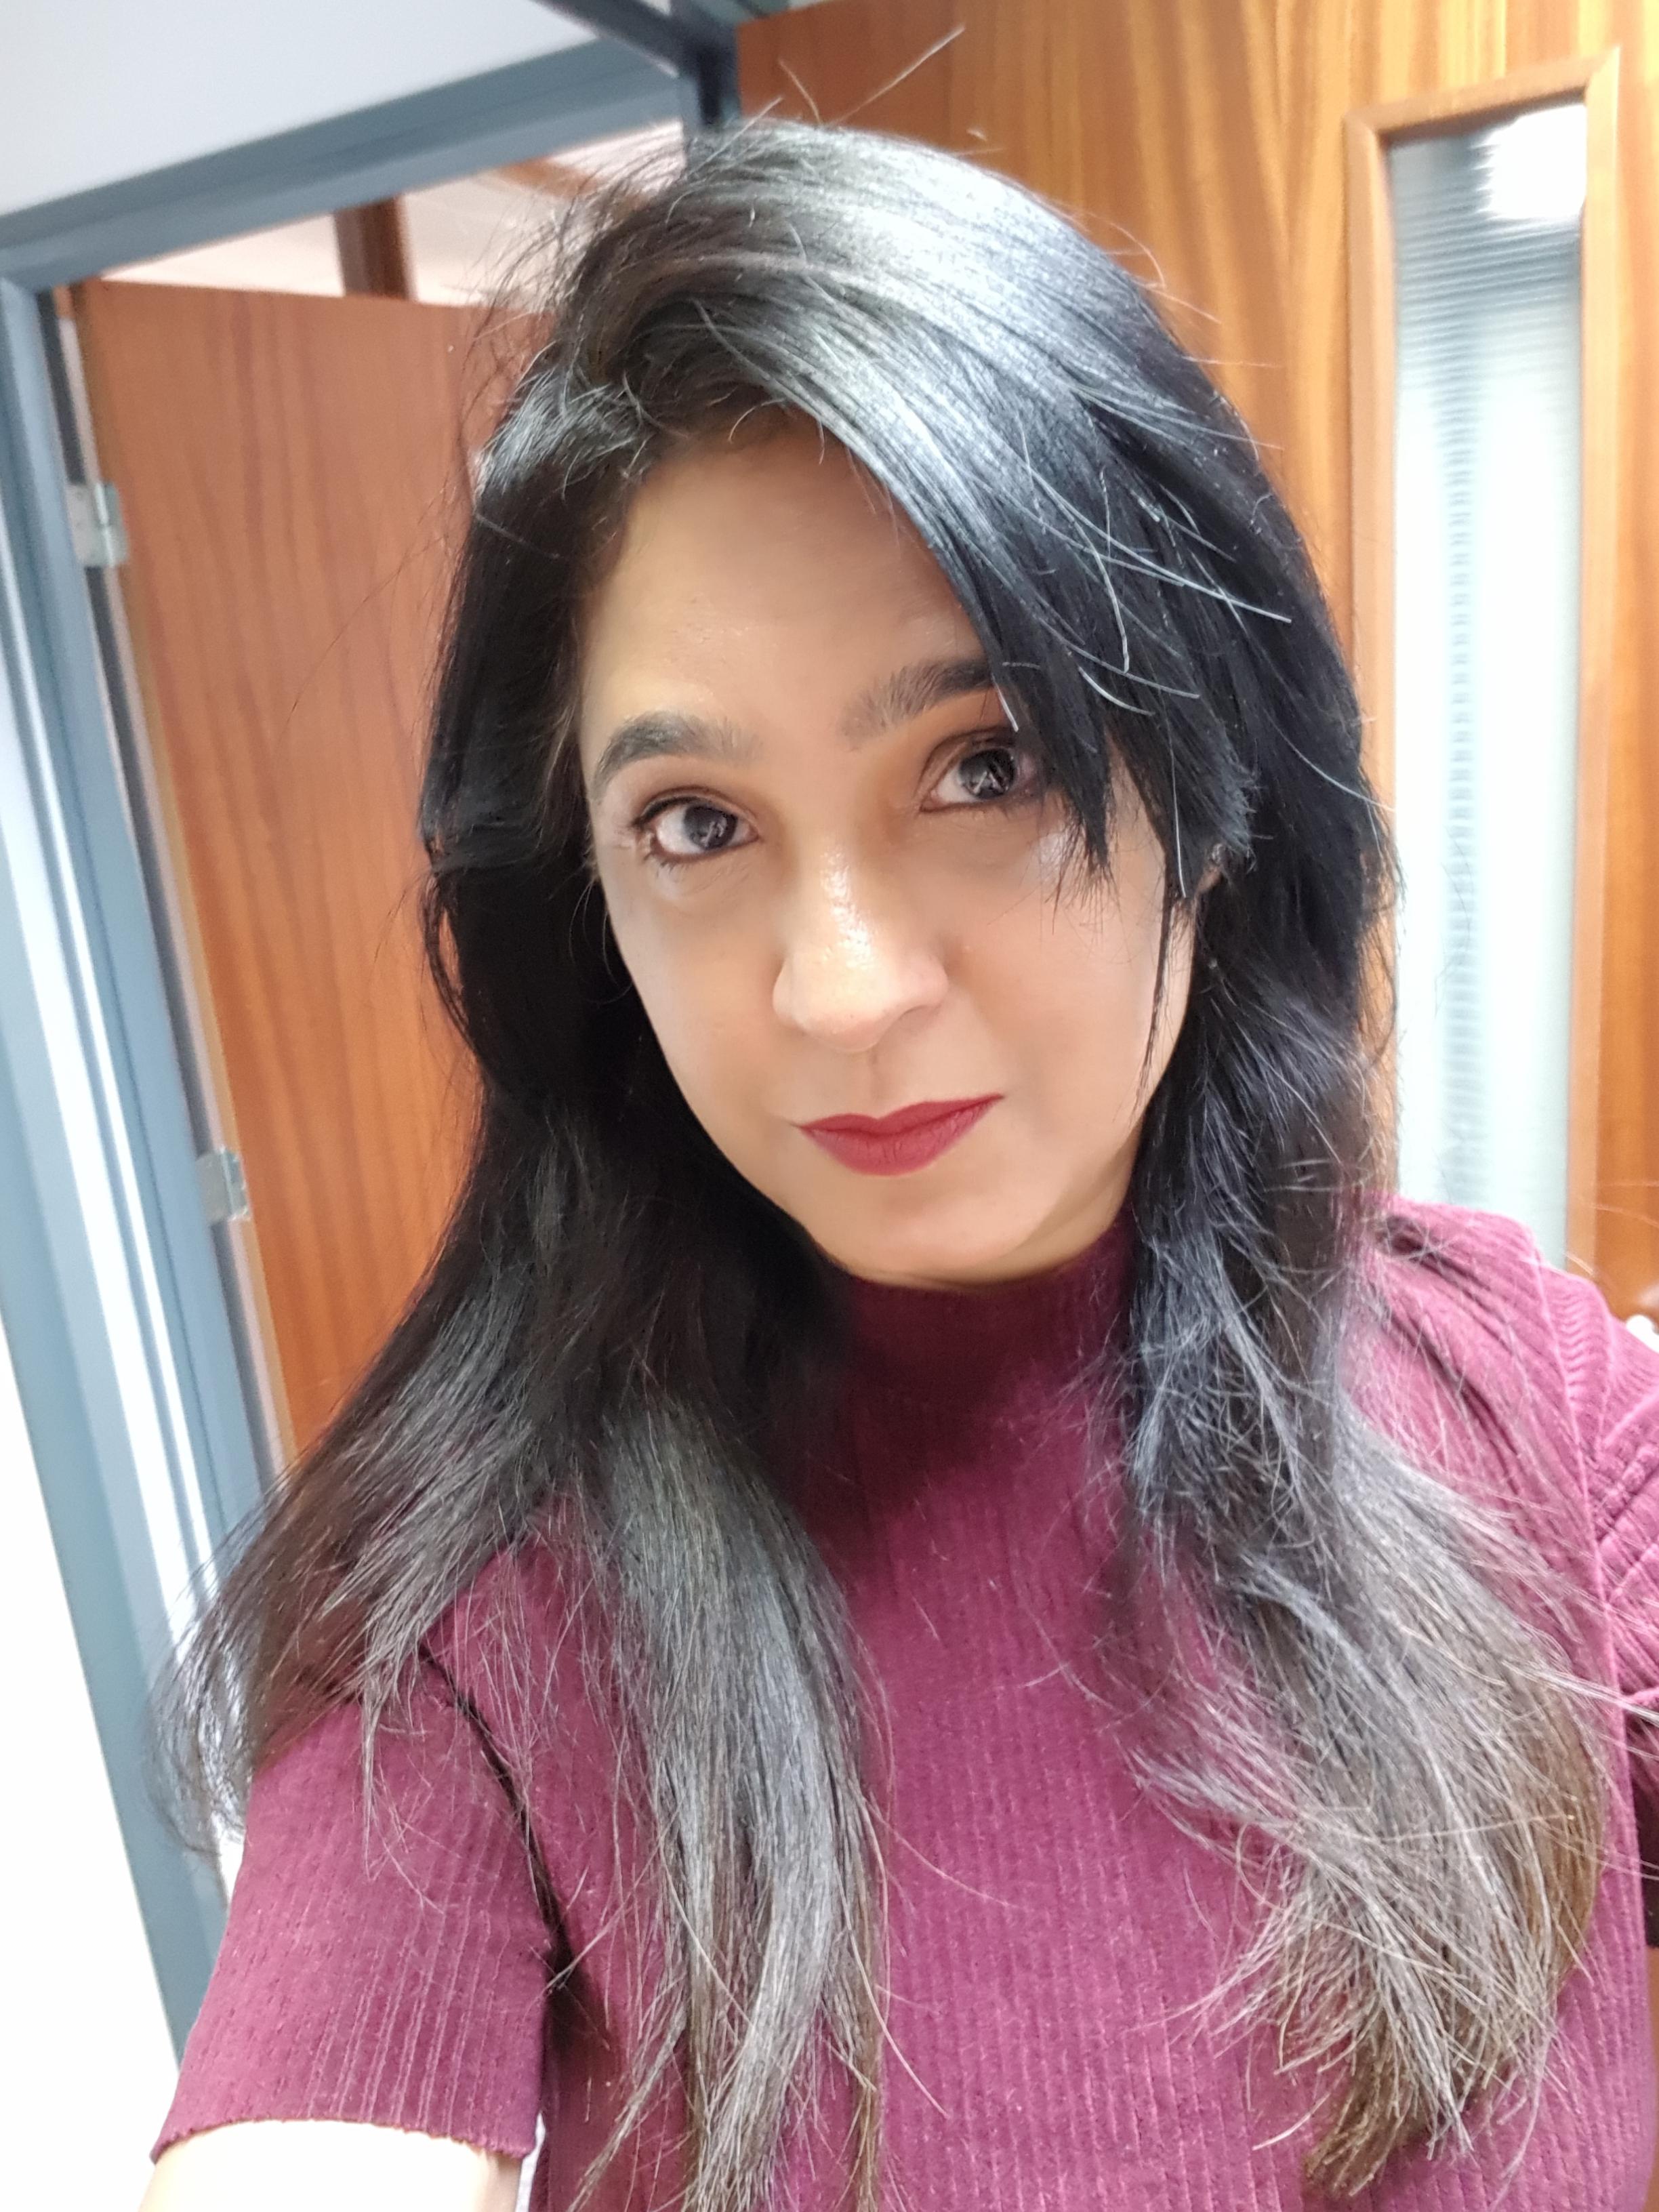 shaminder ubhi